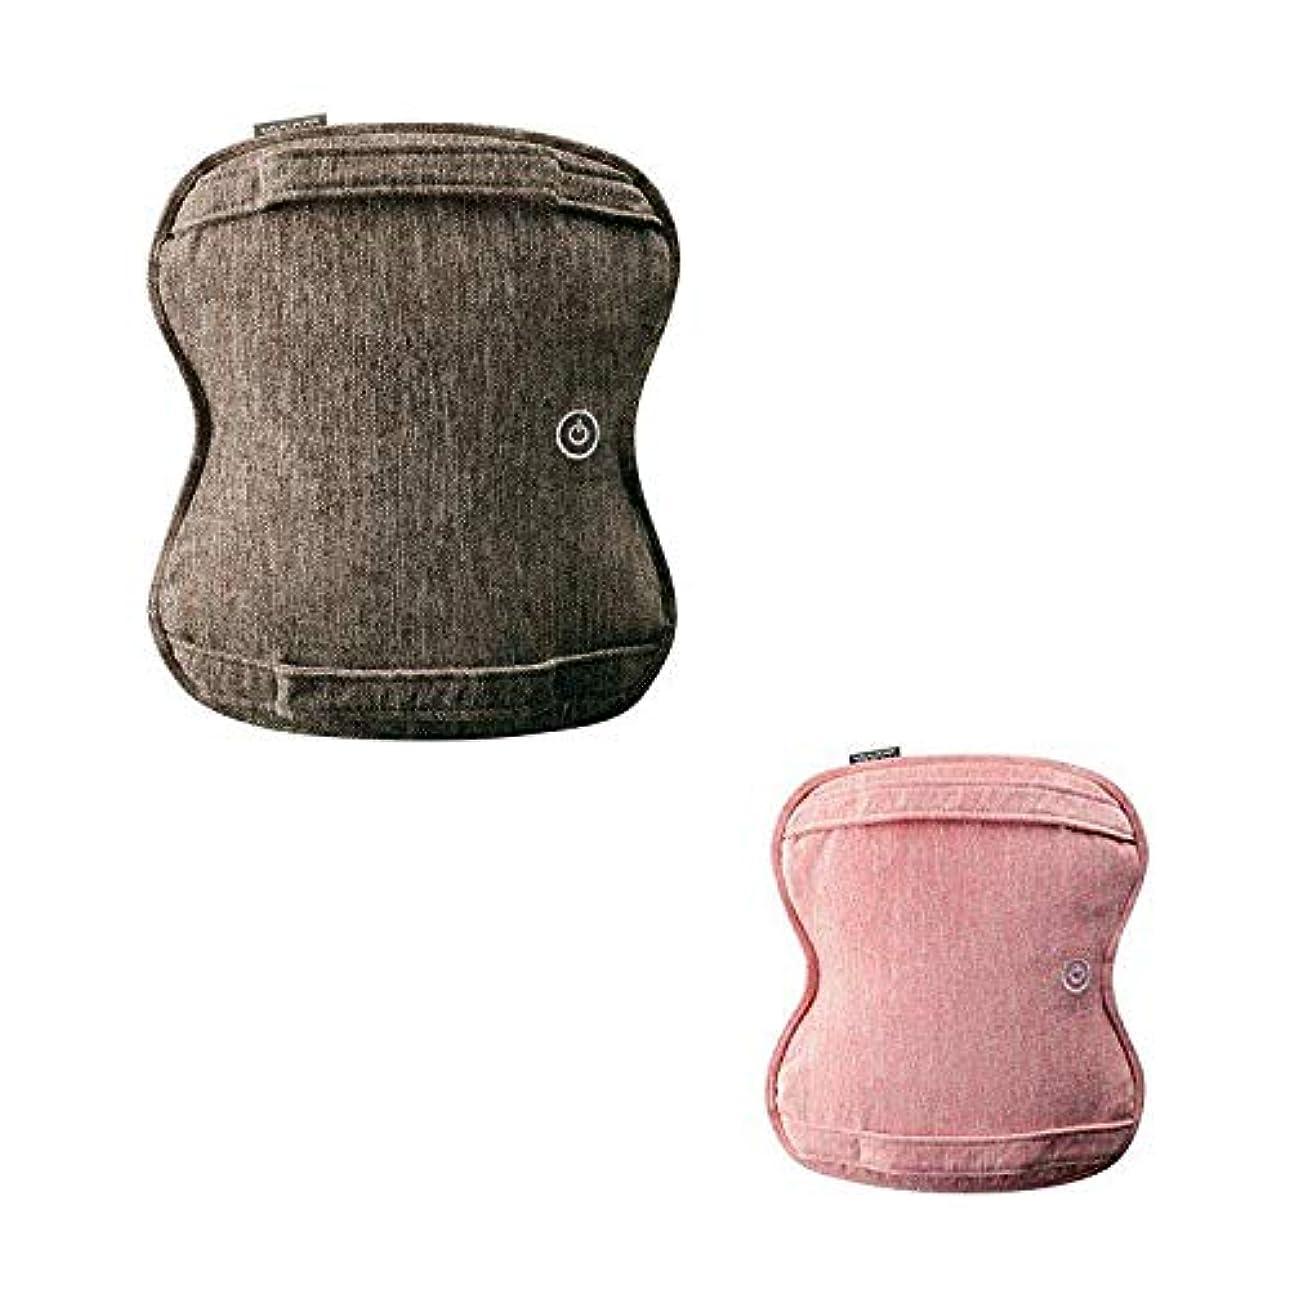 男らしい担当者理想的ルルド AX-HCL258 ダブルもみ マッサージクッション マッサージ器 洗える 健康器具 腰痛 肩 首 プレゼント アテックス ATEX ランキング (ブラウン(br))